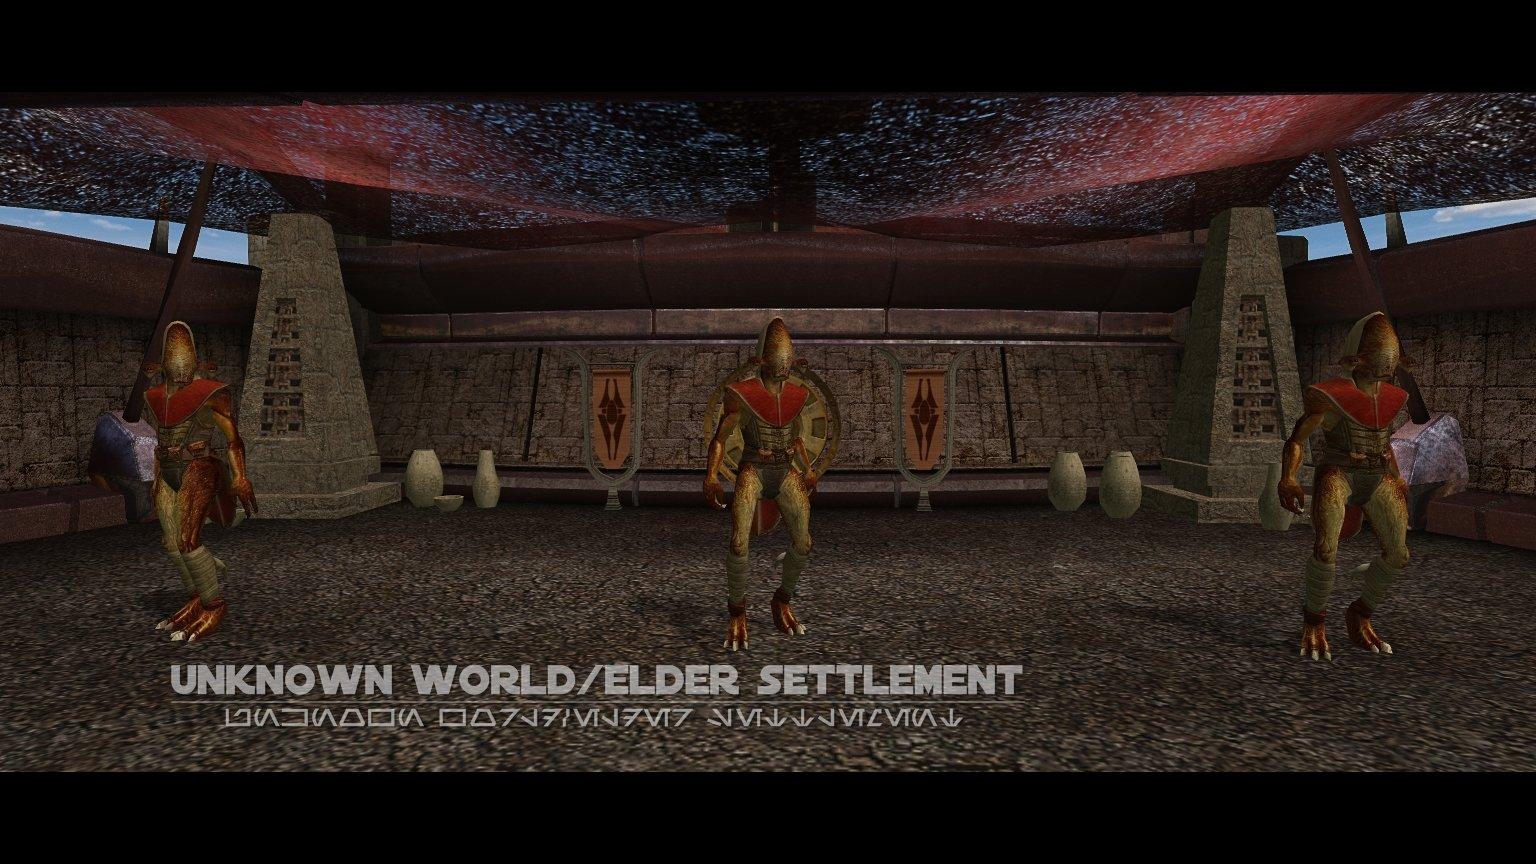 Elder Settlement: The Councillor